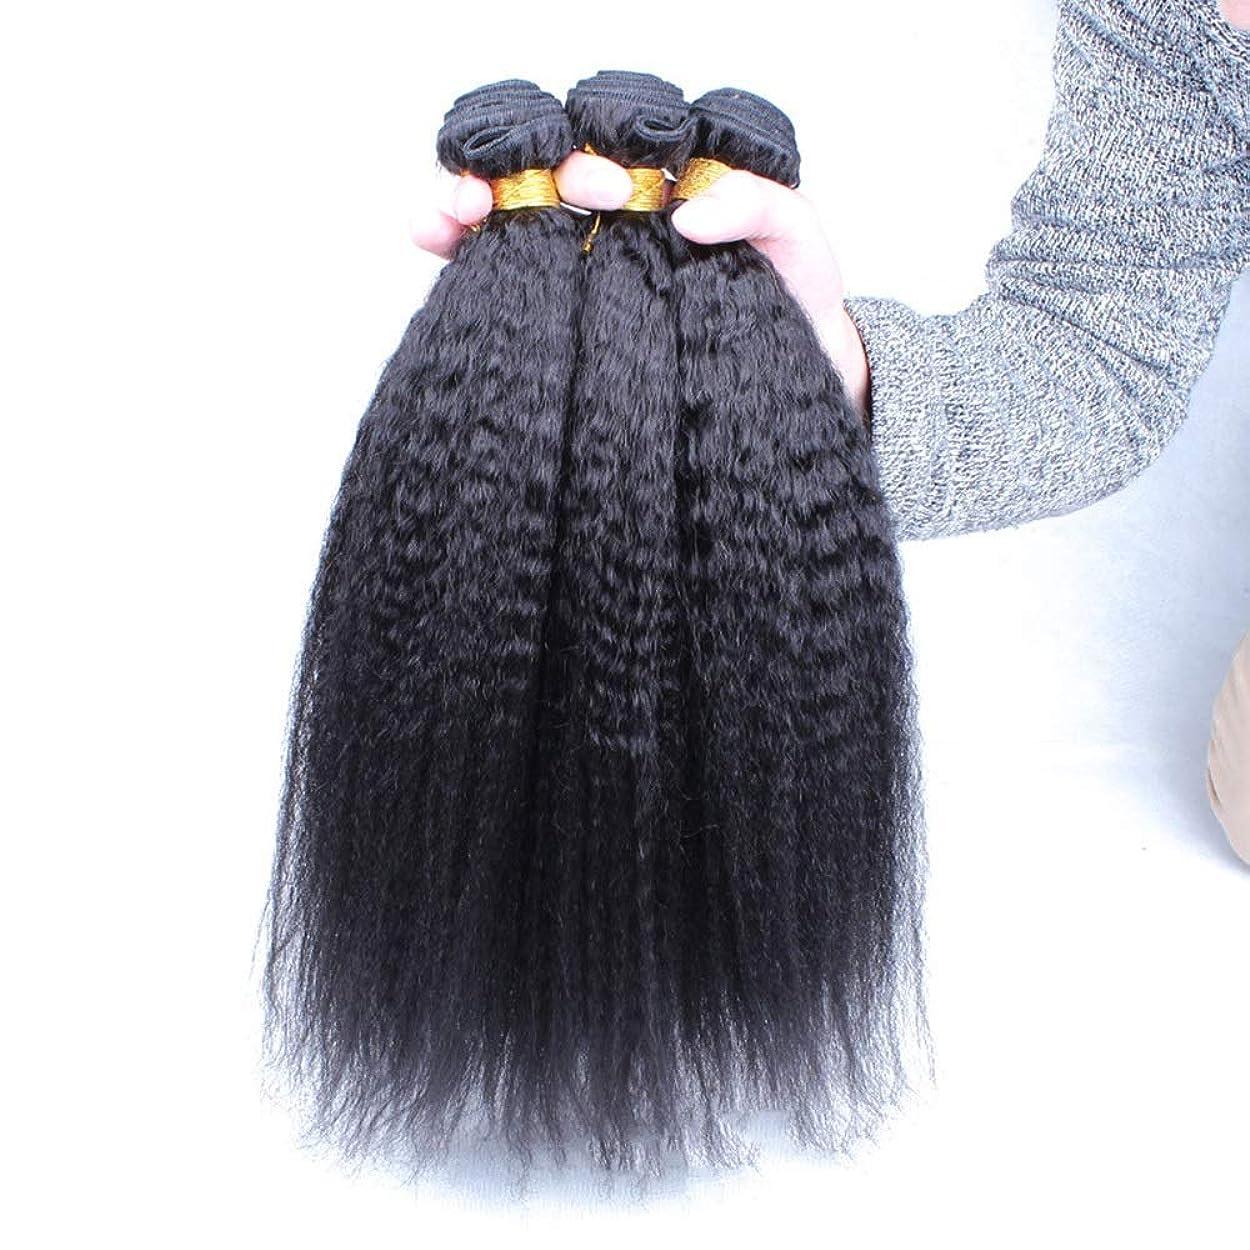 空虚バンカー高速道路BOBIDYEE ブラジルの変態ストレート人間の髪の毛の束焼きストレート人間の髪の毛の拡張子100%人毛エクステンションナチュラルブラック(10インチ-24インチ)小さな巻き毛のかつら (色 : 黒, サイズ : 20 inch)